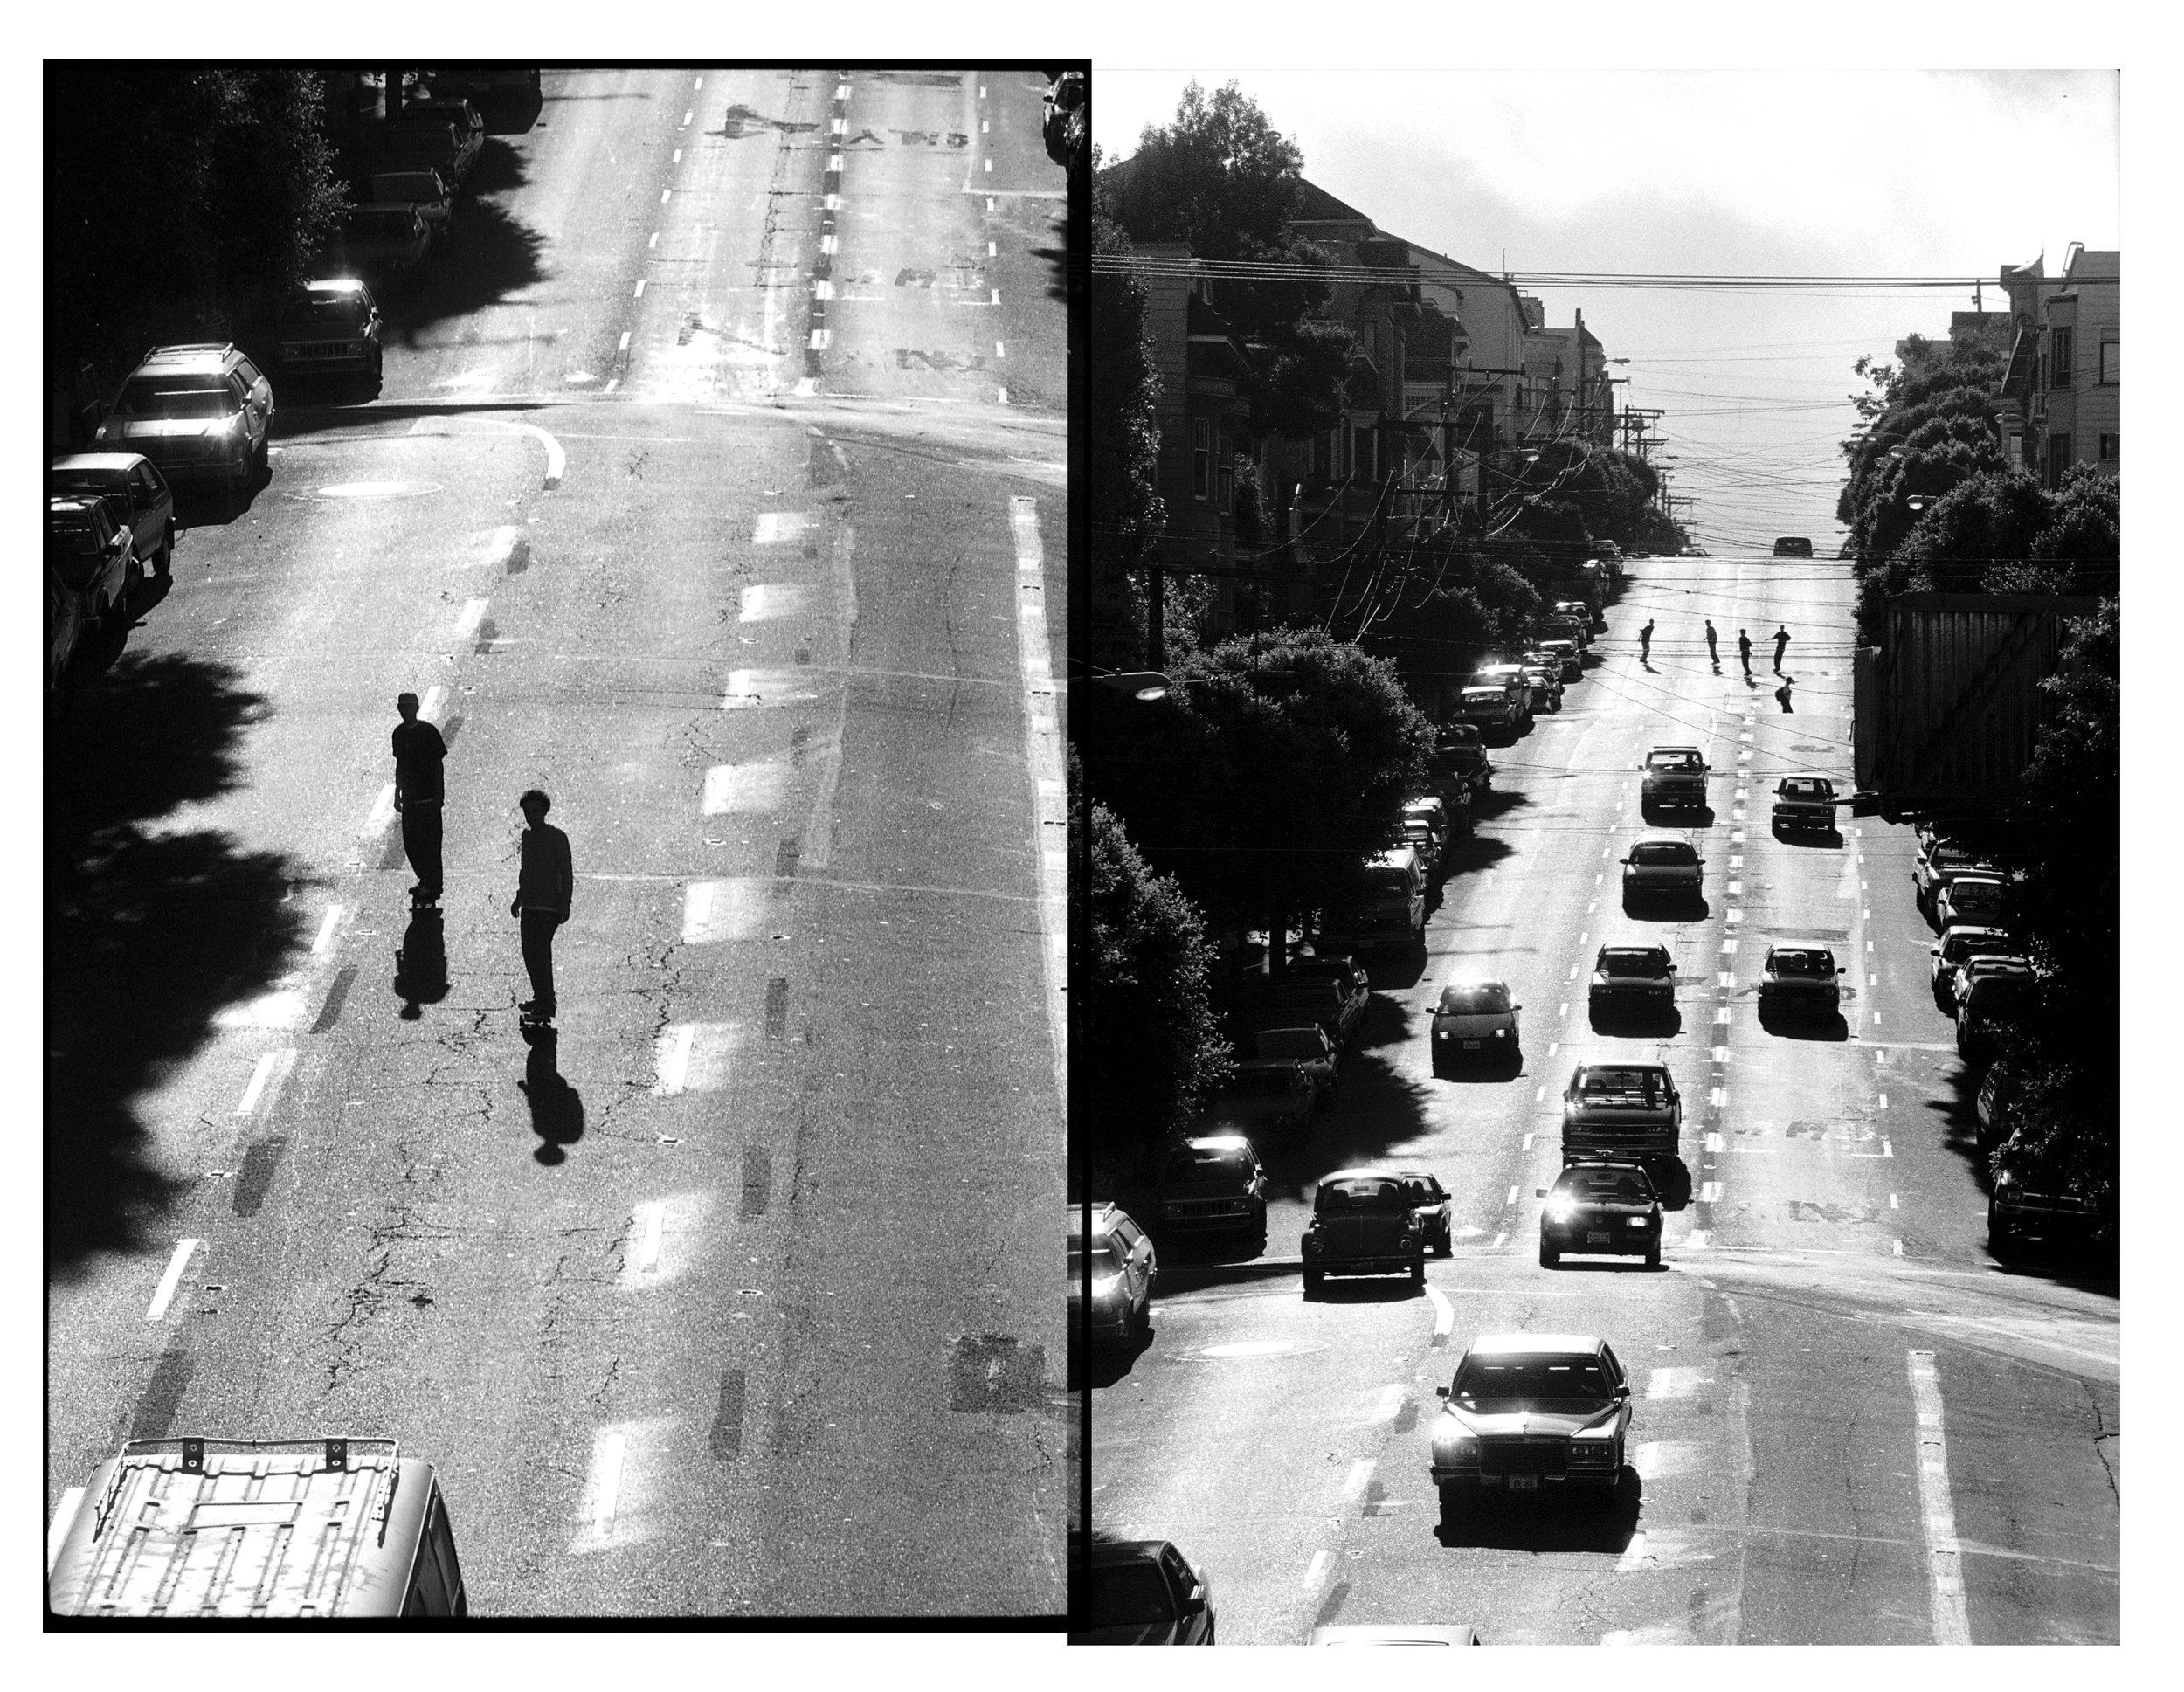 Hills, San Francisco, 1996